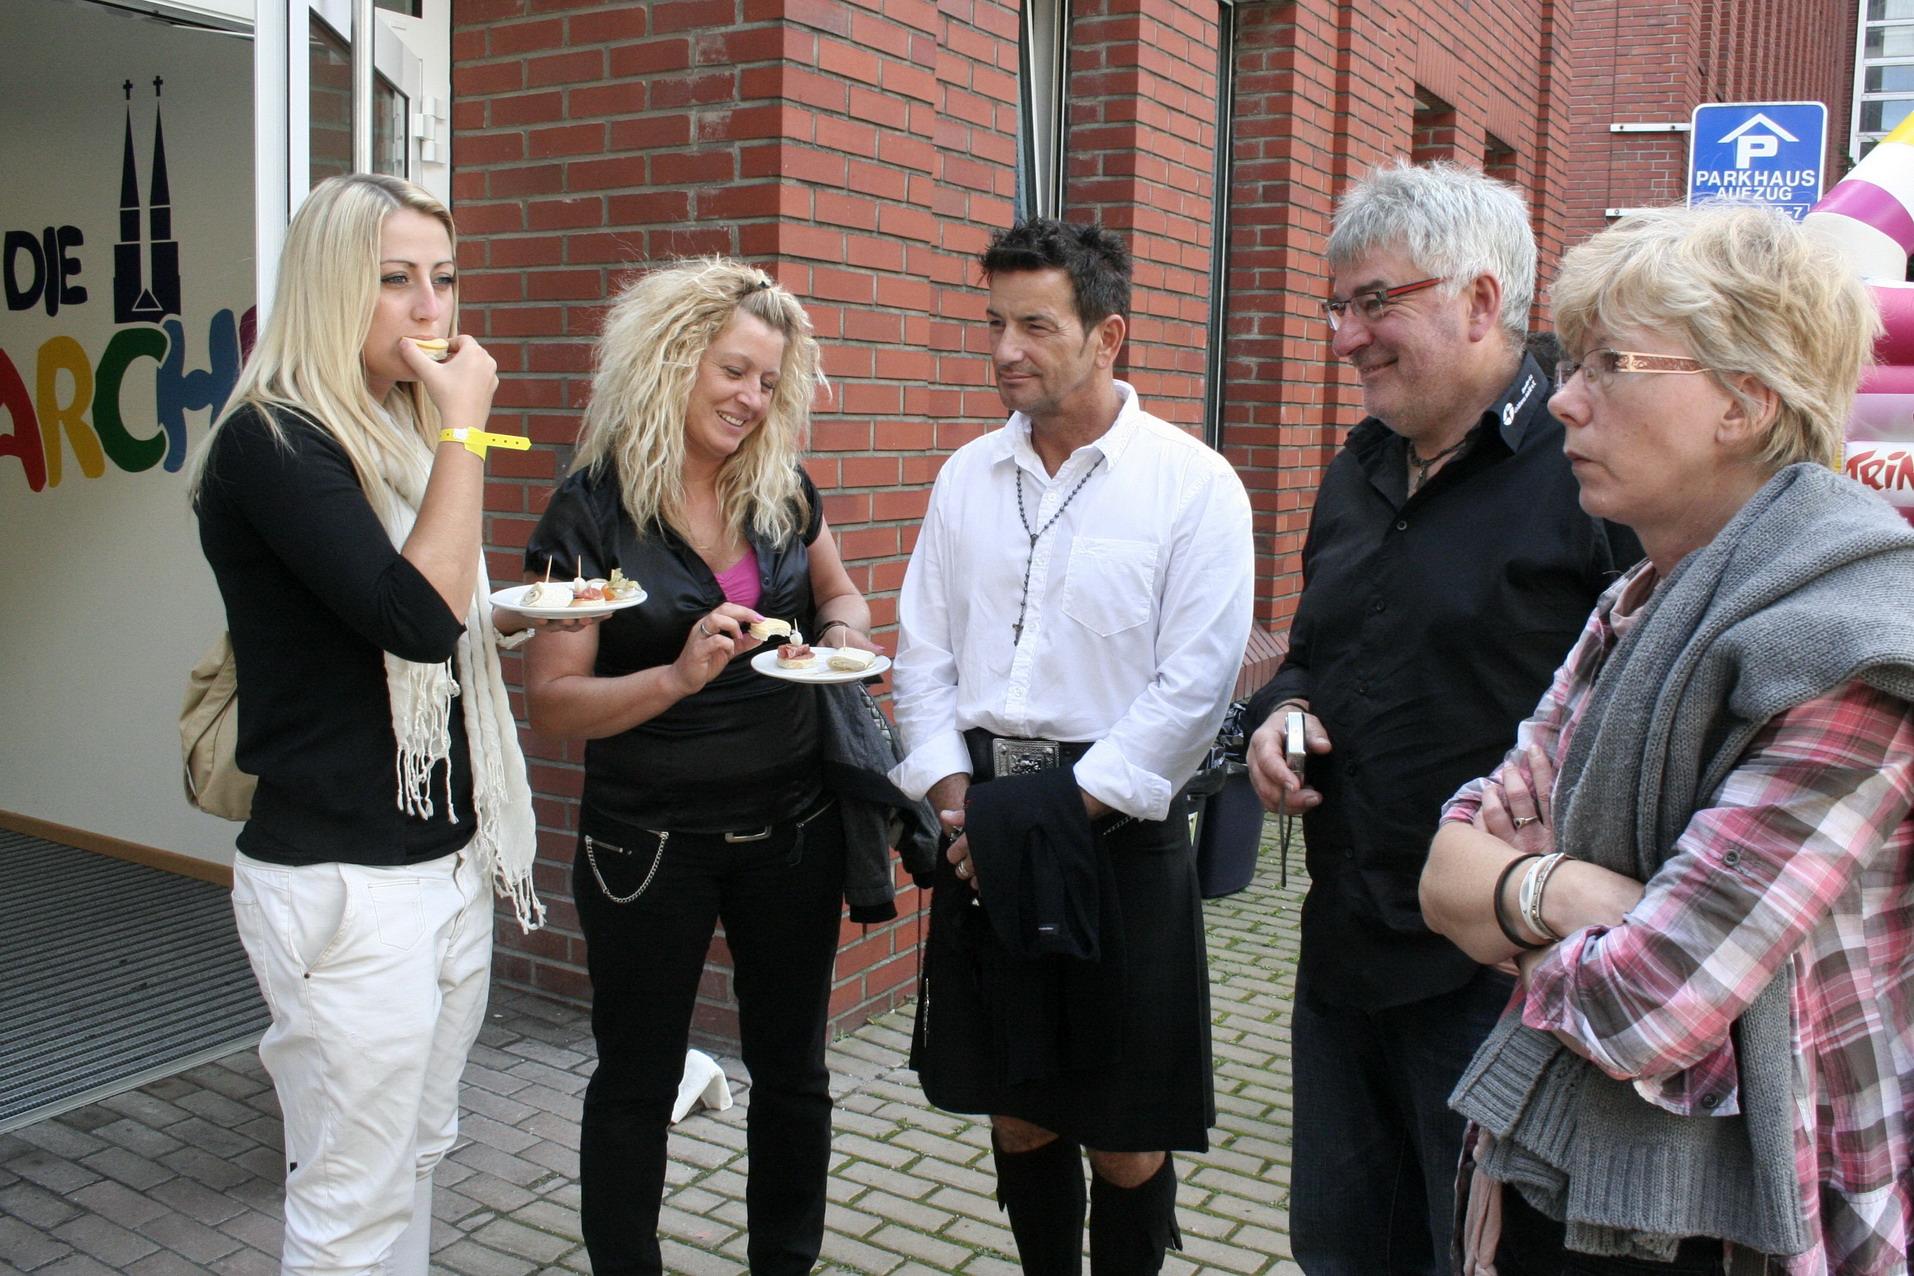 2011-09-05-arche-eroeffnung-jmg-kmg-dk-gk-mmg_mg_2580_bildgroesse_aendern